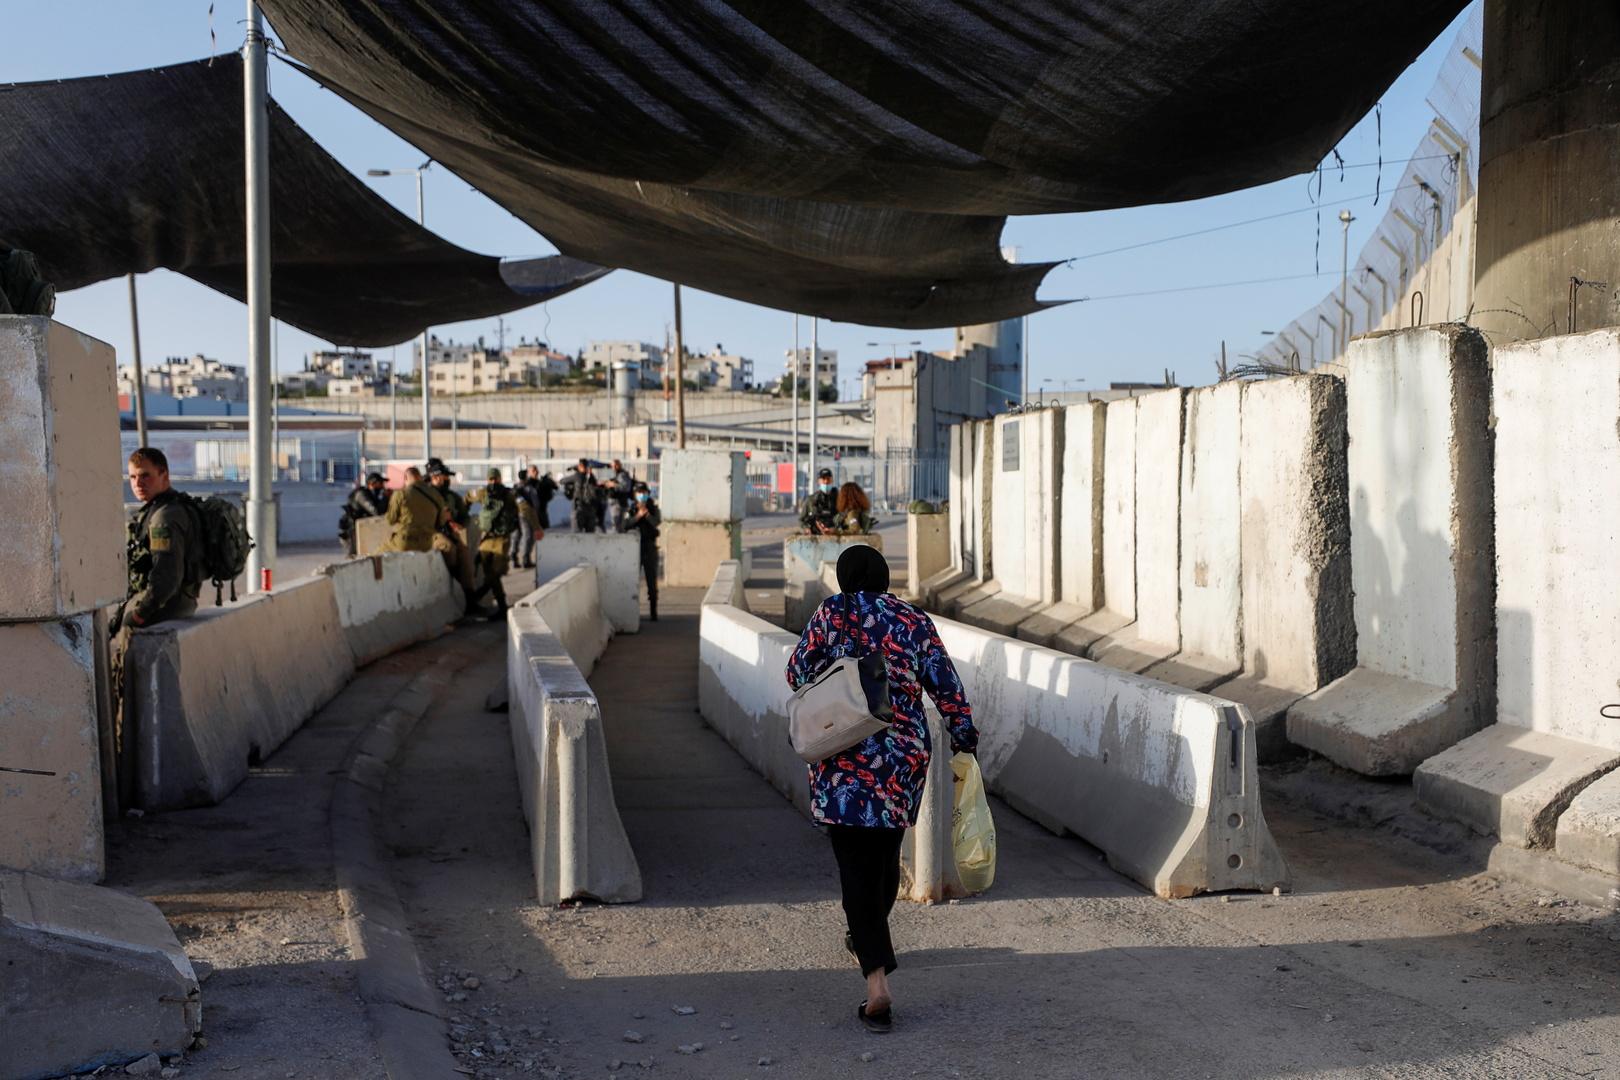 وفا: الجيش الإسرائيلي يقتل سيدة فلسطينية سلكت طريقا عسكريا بالخطأ (صورة+فيديو)